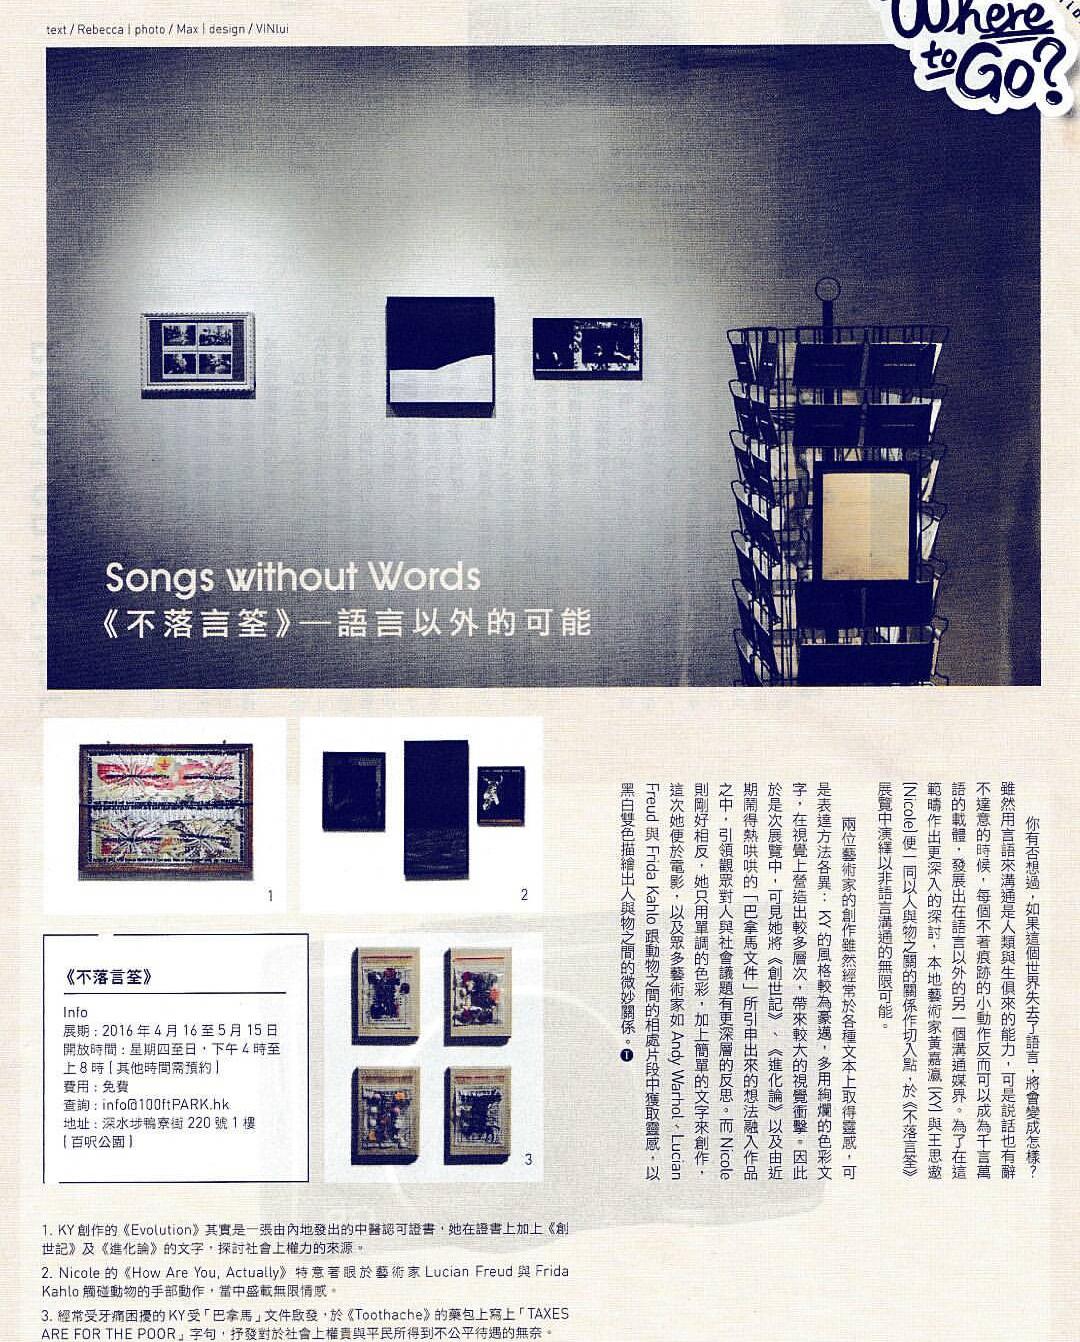 2016.04 Songs With Words《不落言荃》- 語言以外的可能 (Tao Magazine, 香港)